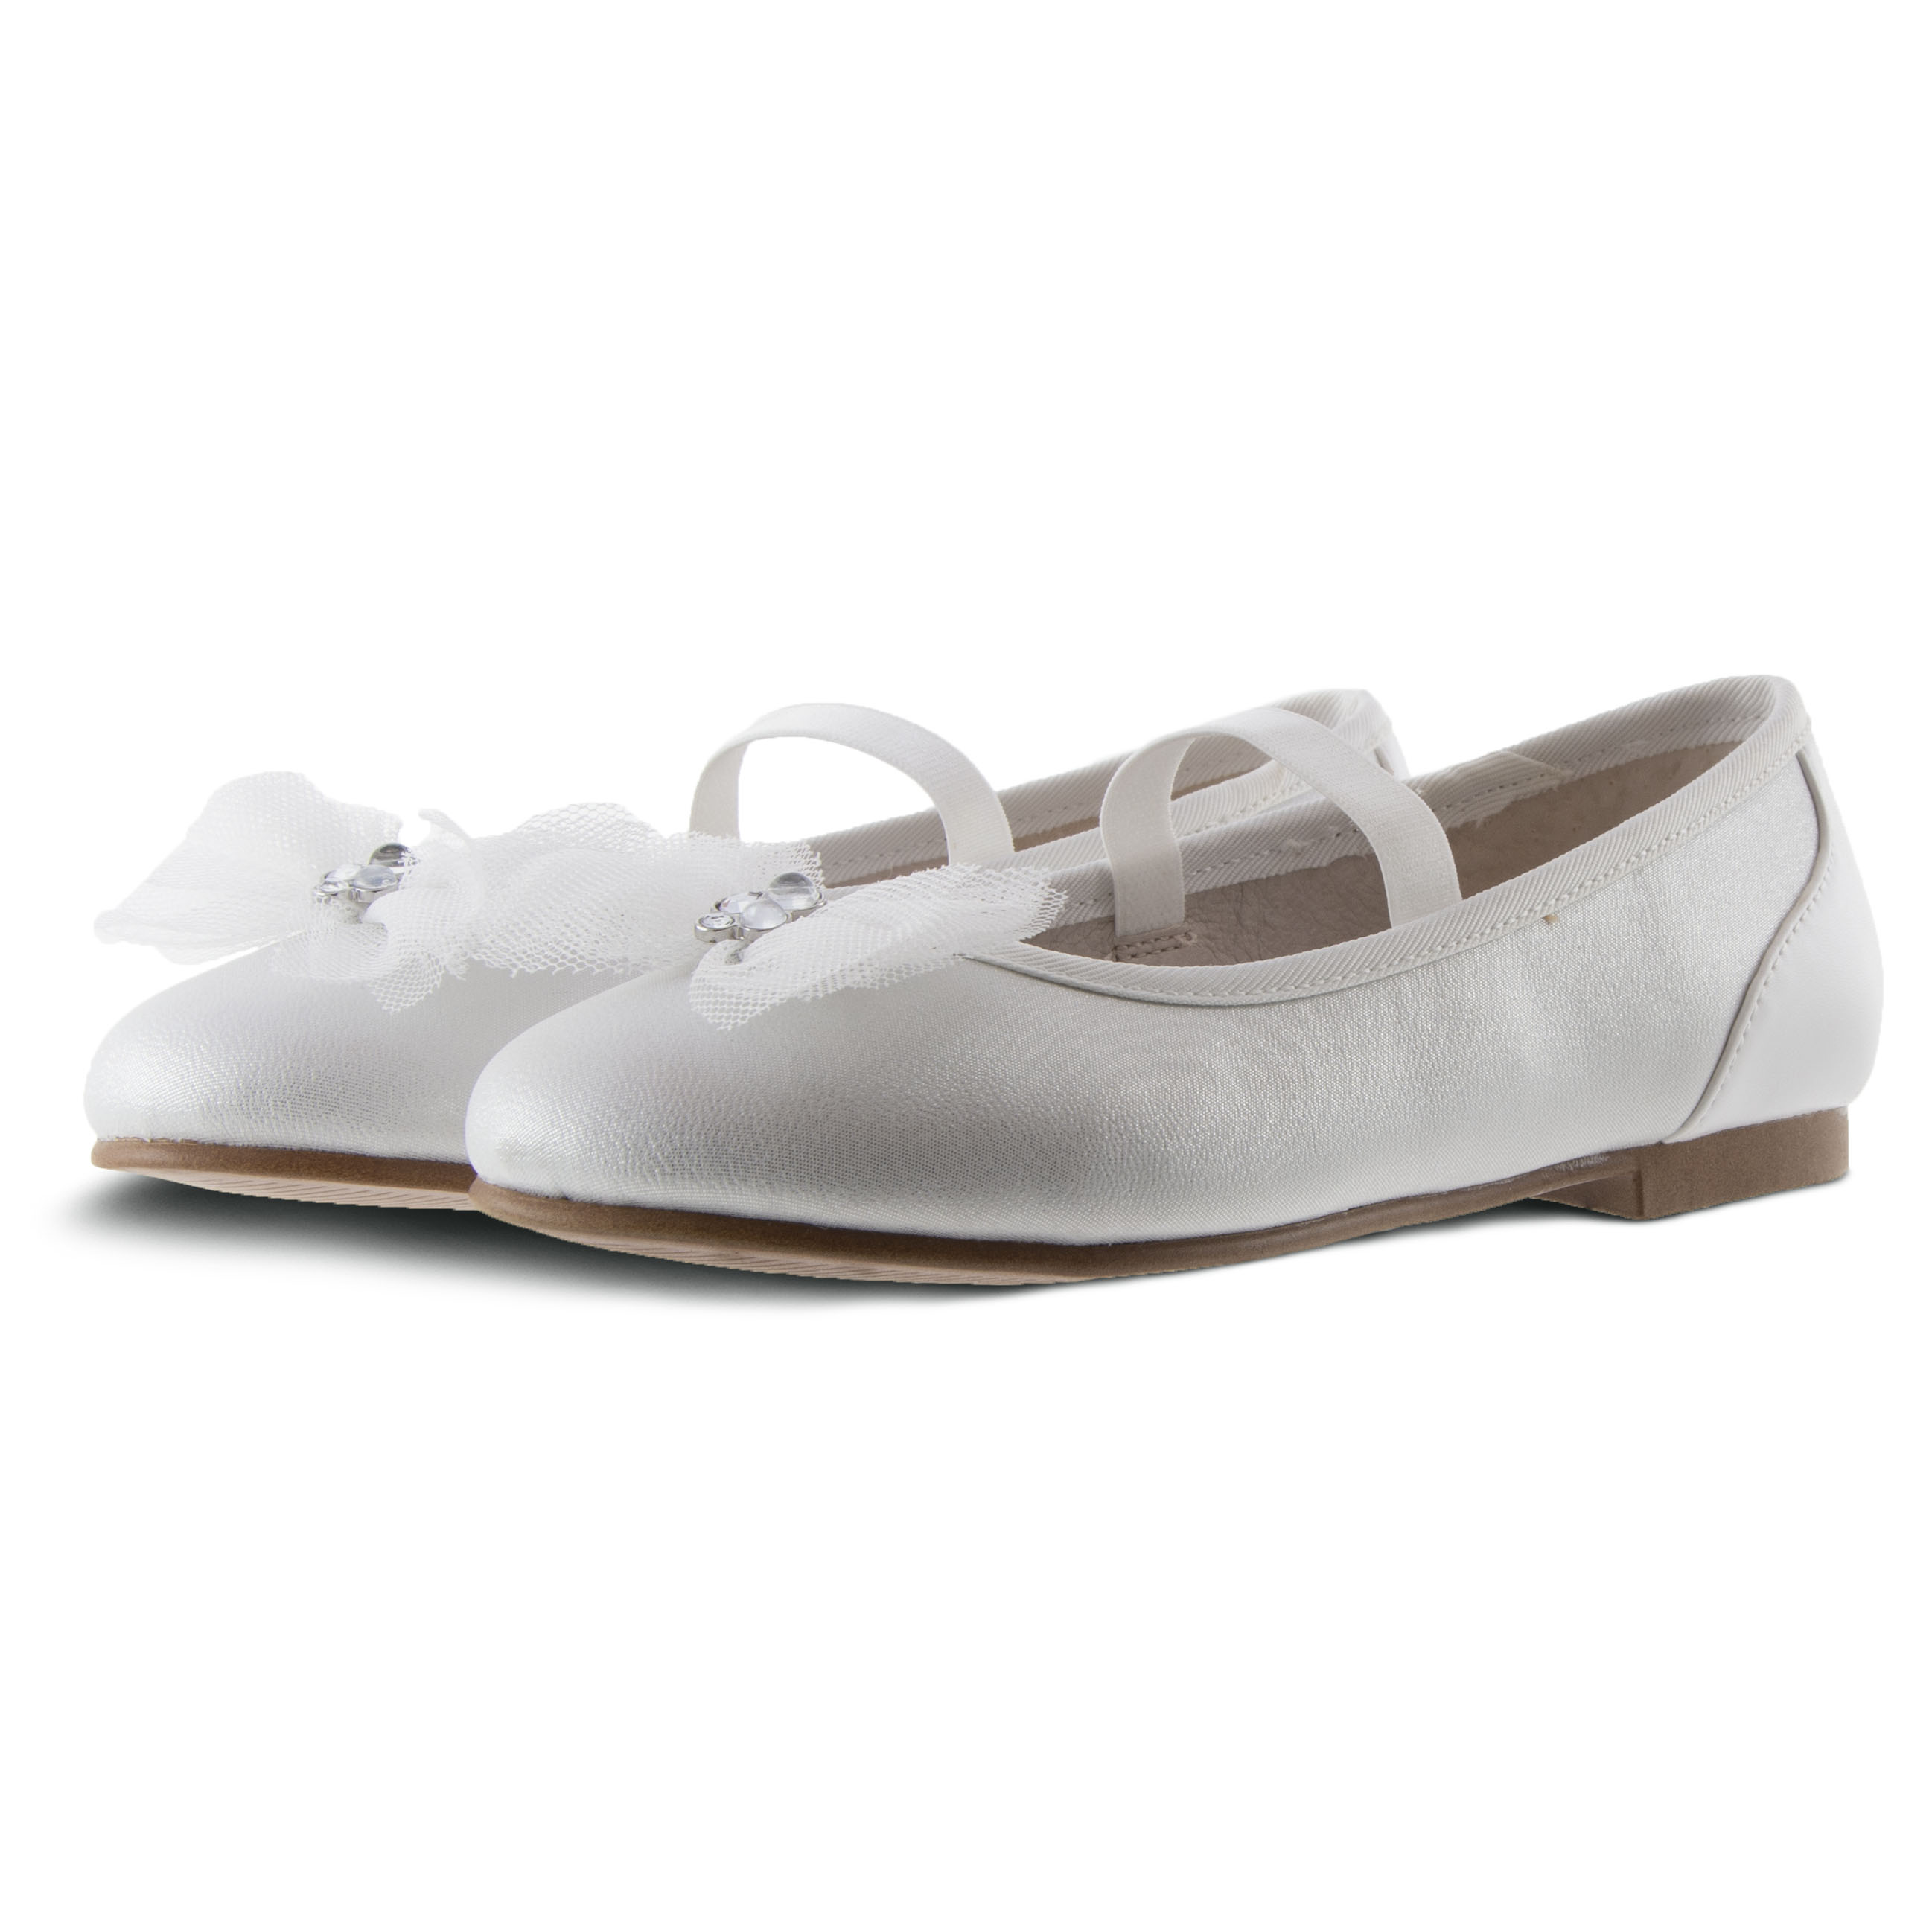 Αγόρι μπαλαρίνα κορίτσι μπαρέτα τούλι λευκό Mayoral 20-45149-085